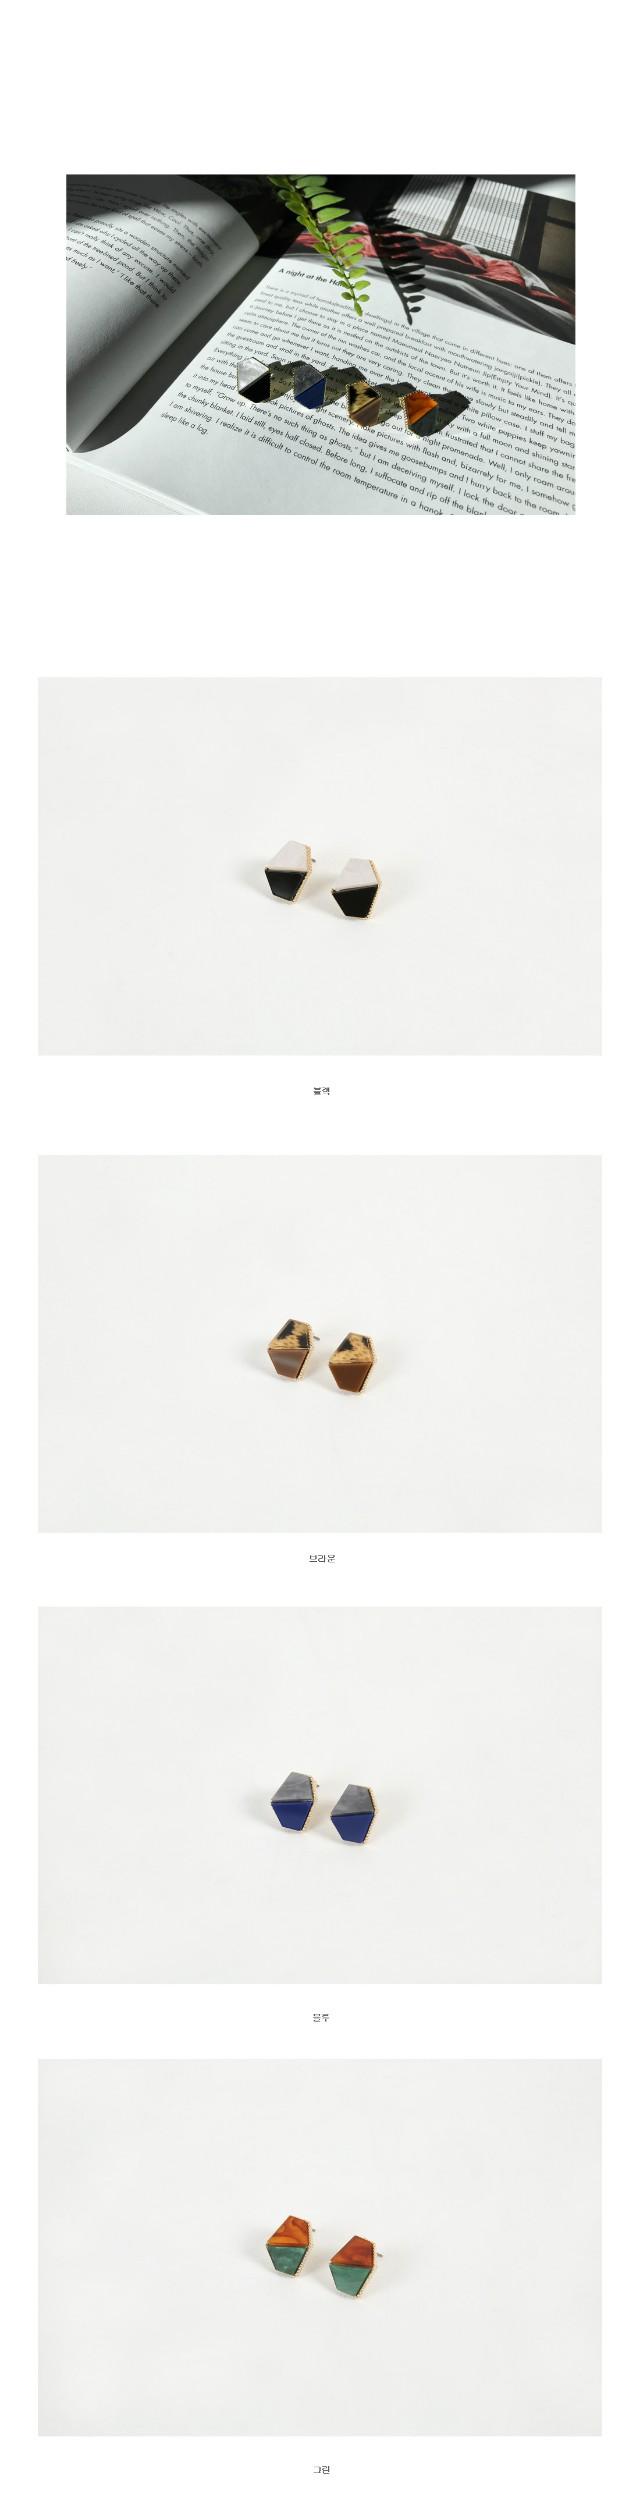 Two-tone earrings